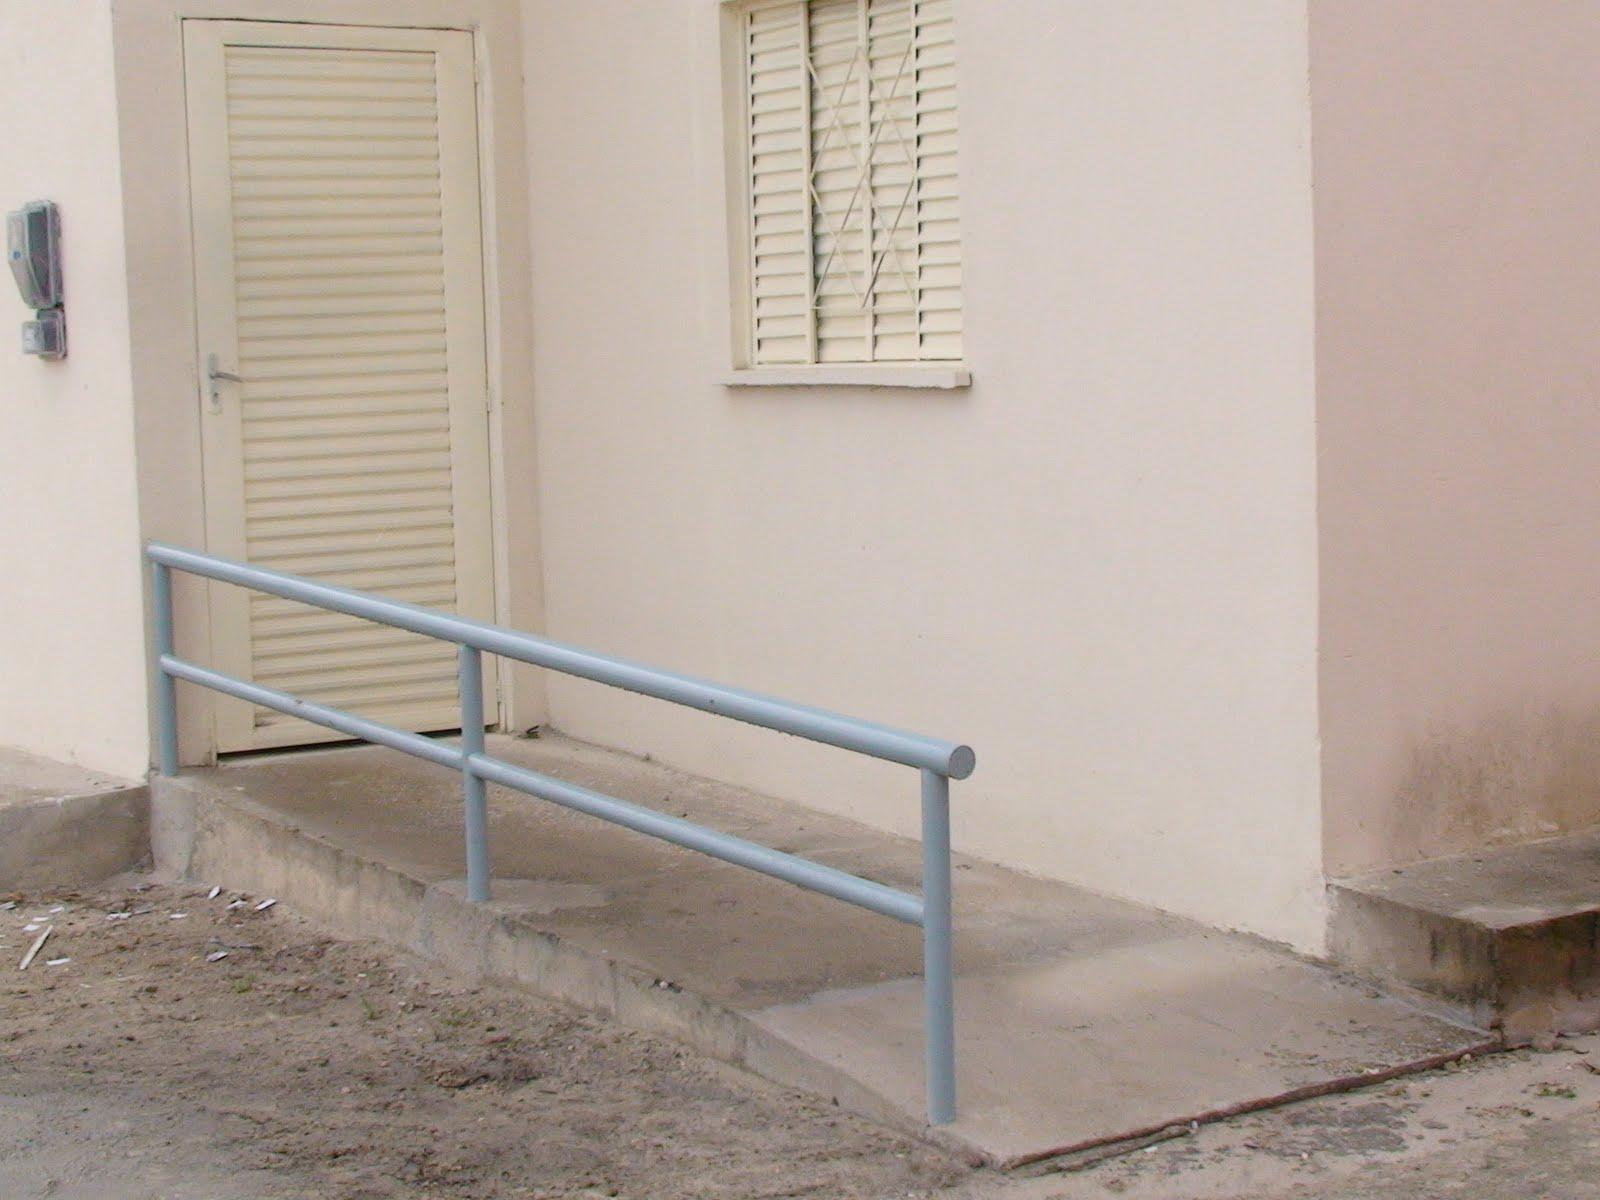 Imagens de #443528  programa minha casa minha vida foi remarcado para o dia 07 de agosto 1600x1200 px 3416 Bloco Cad Banheiro Para Cadeirante